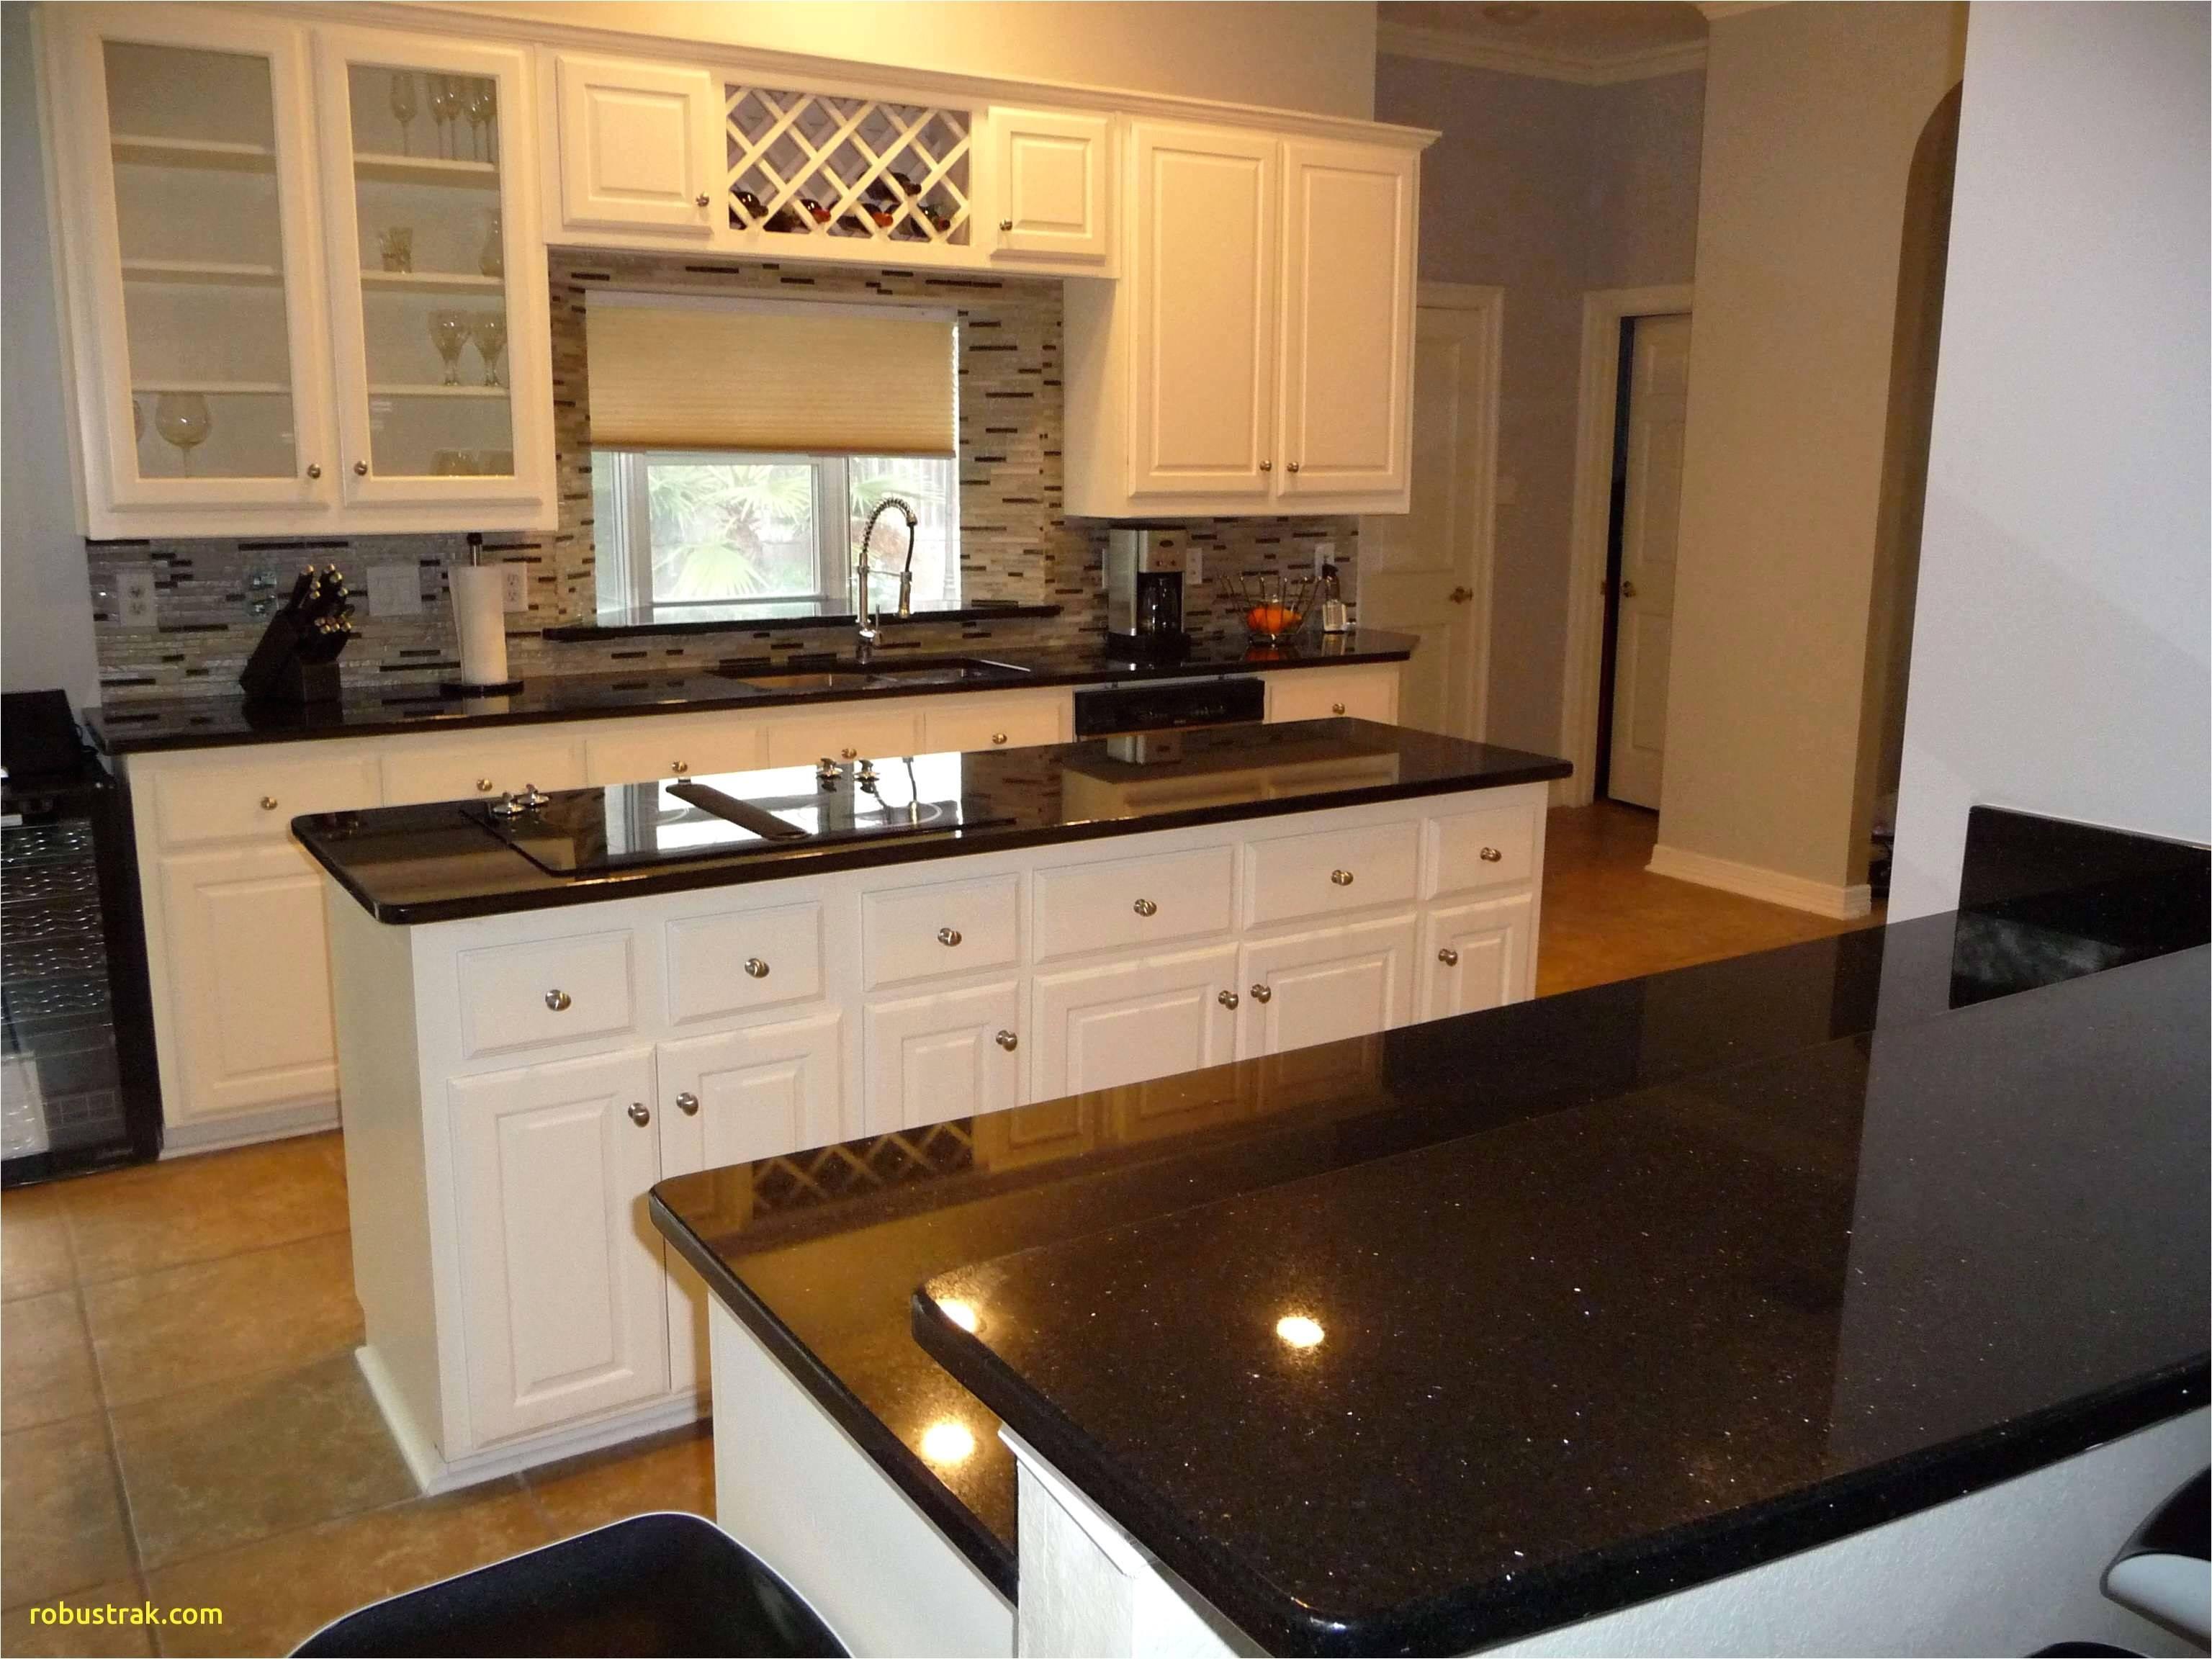 white cabinets granite countertops kitchen 40 rare gray and brown granite countertops coffee table and of white cabinets granite countertops kitchen